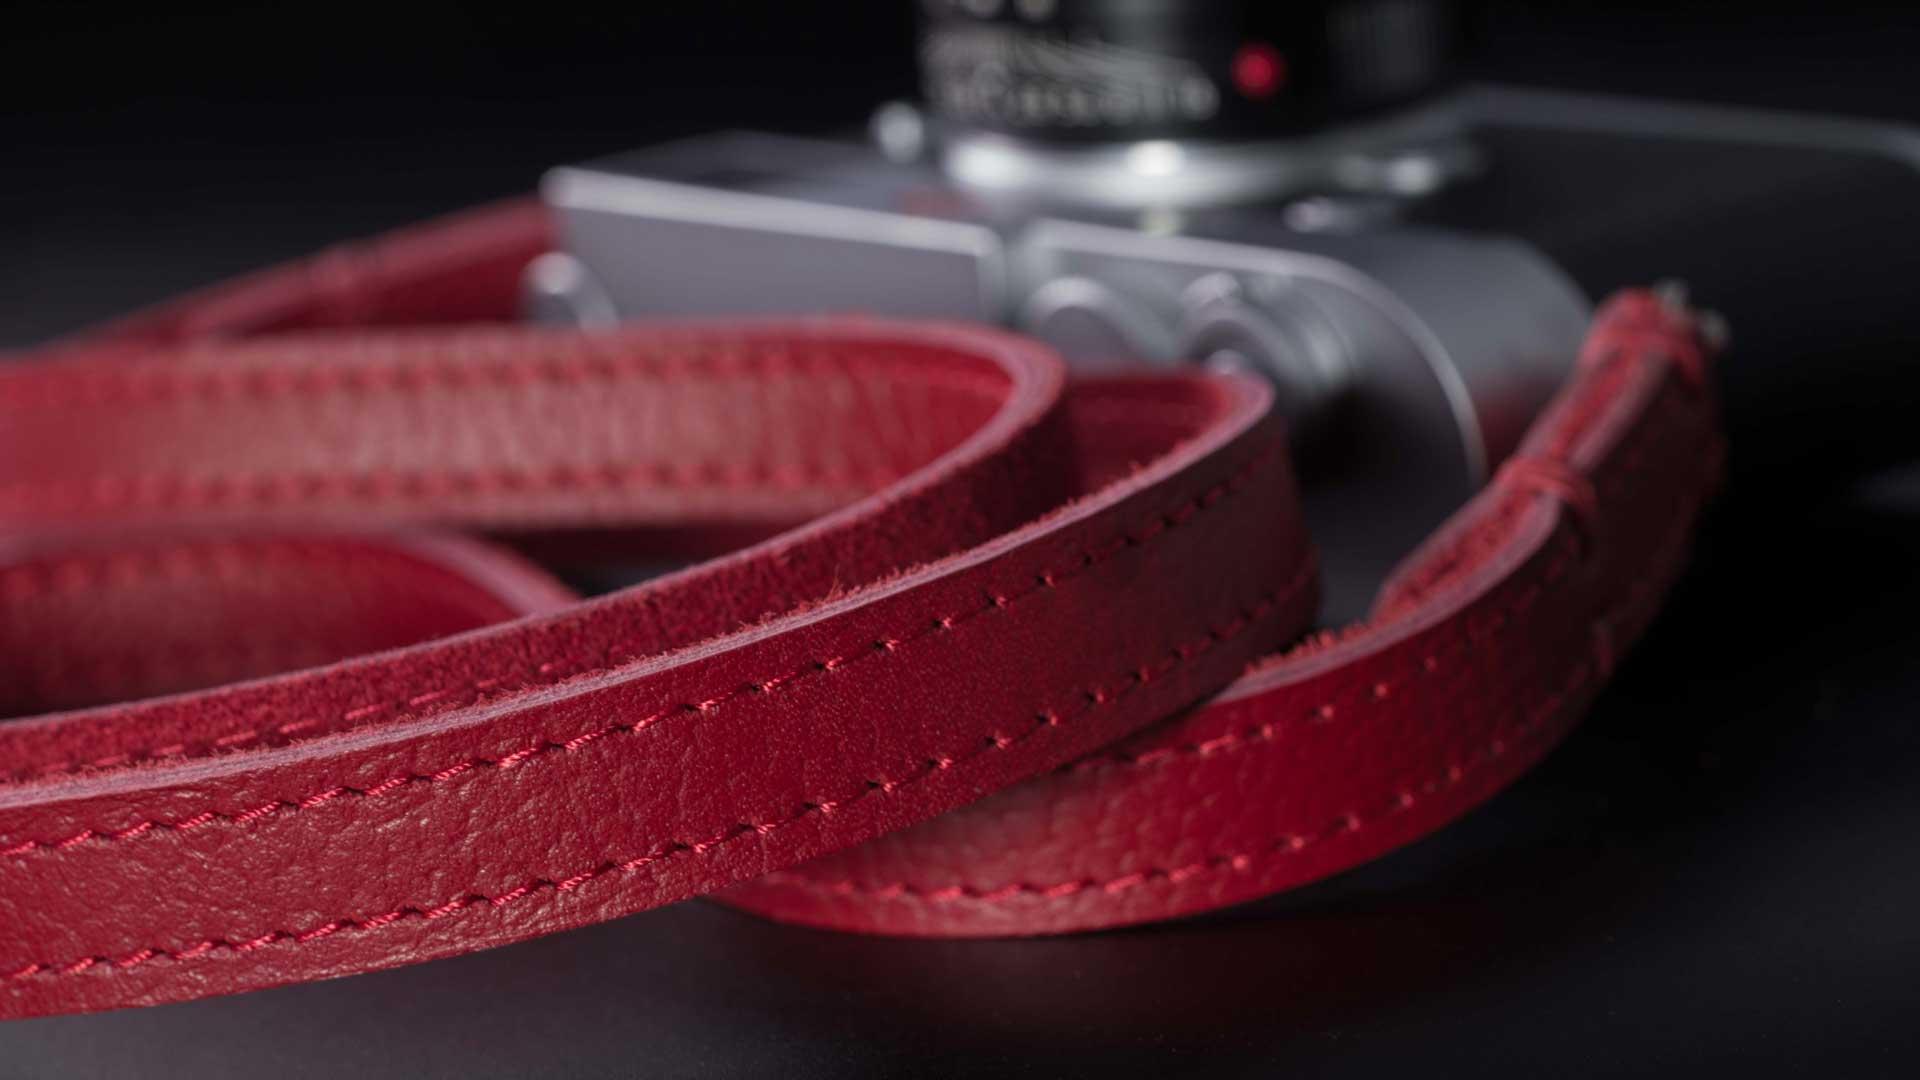 riviera strap, classic strap, leather camera strap, handmade leather camera strap, leica camera strap, mirrorless camera strap, handmade camera strap, dslr camera strap, red camera strap